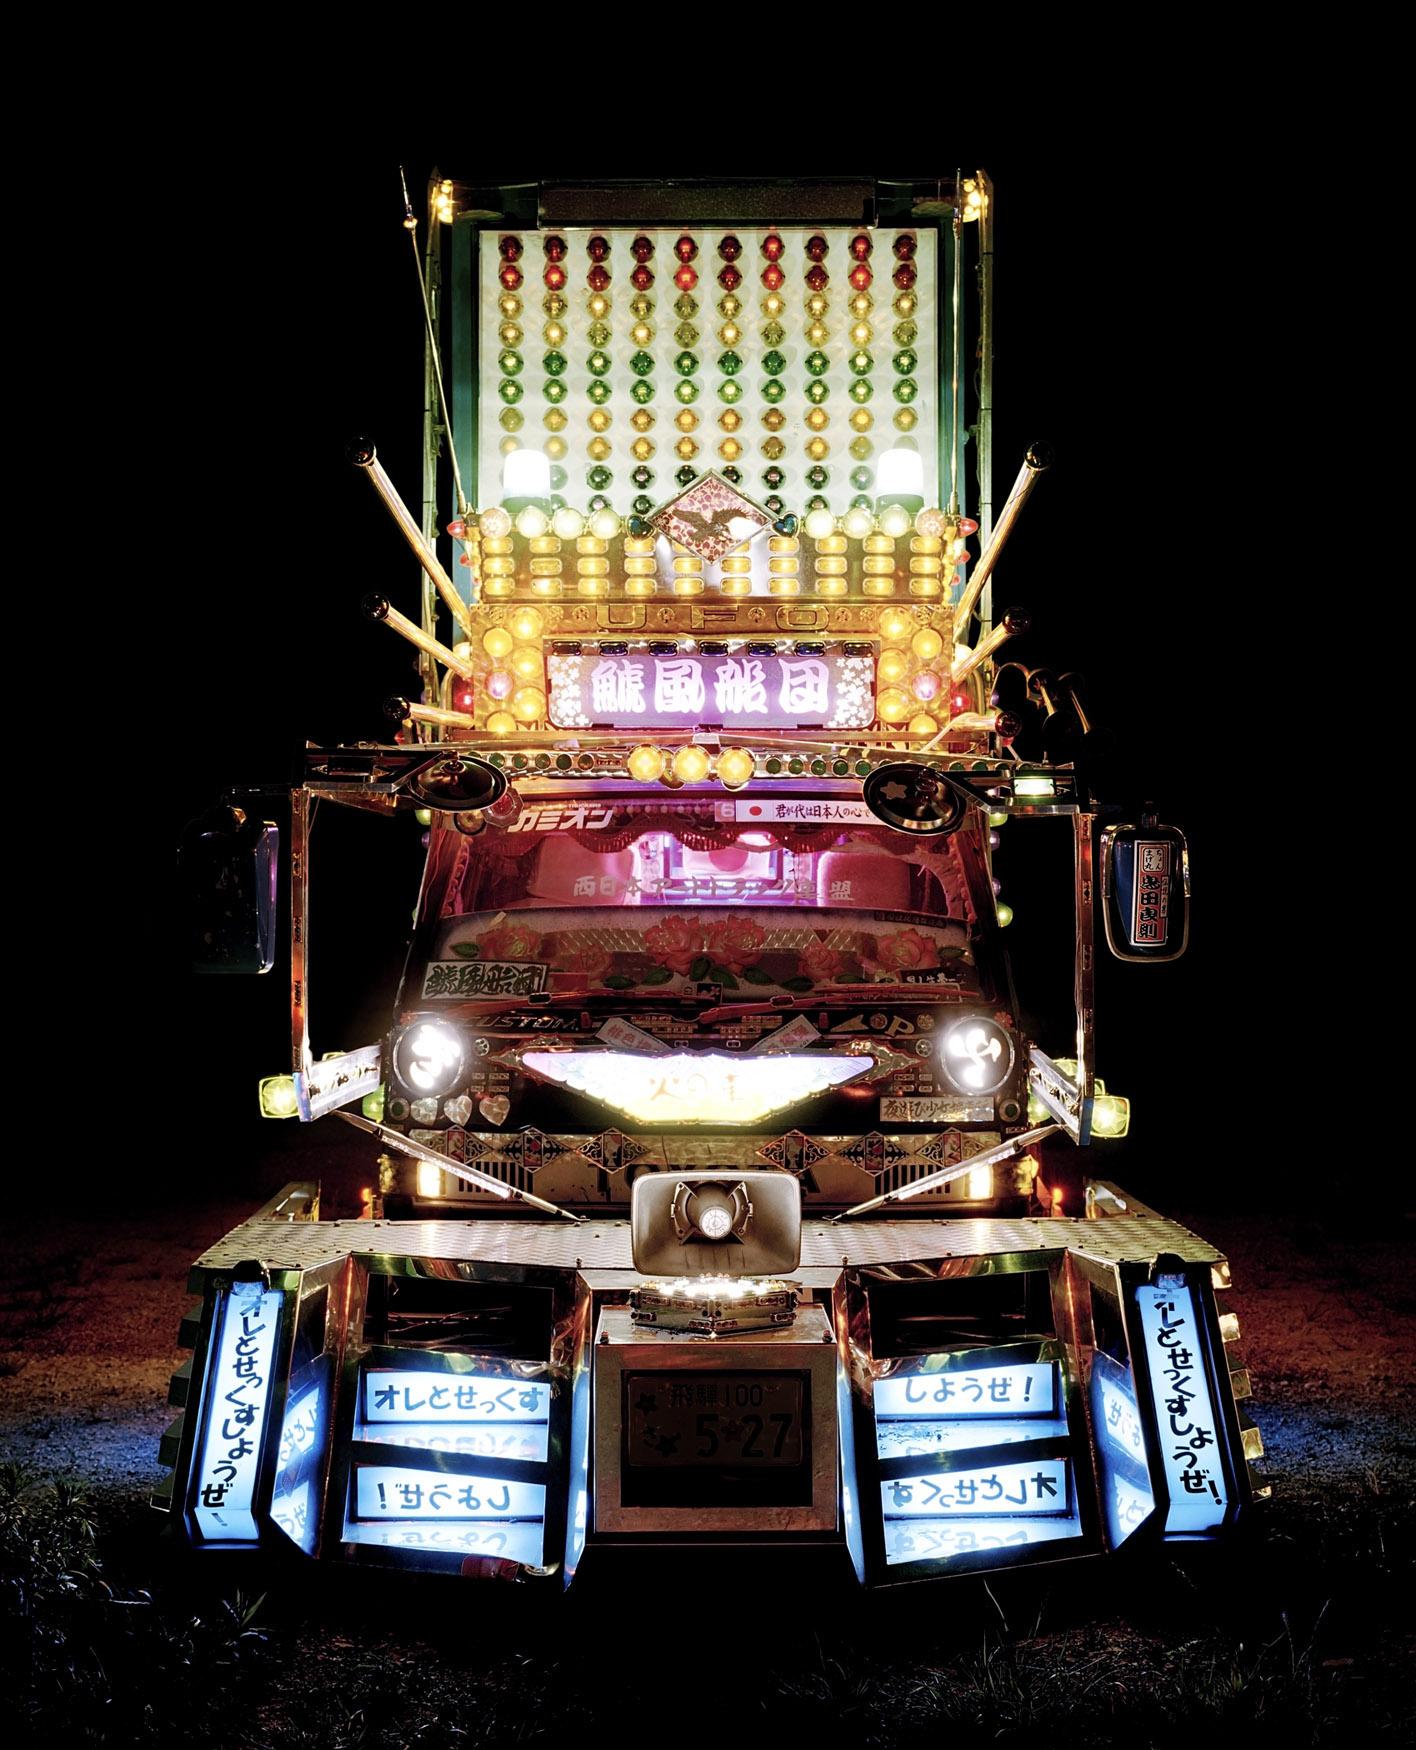 truck_03_low